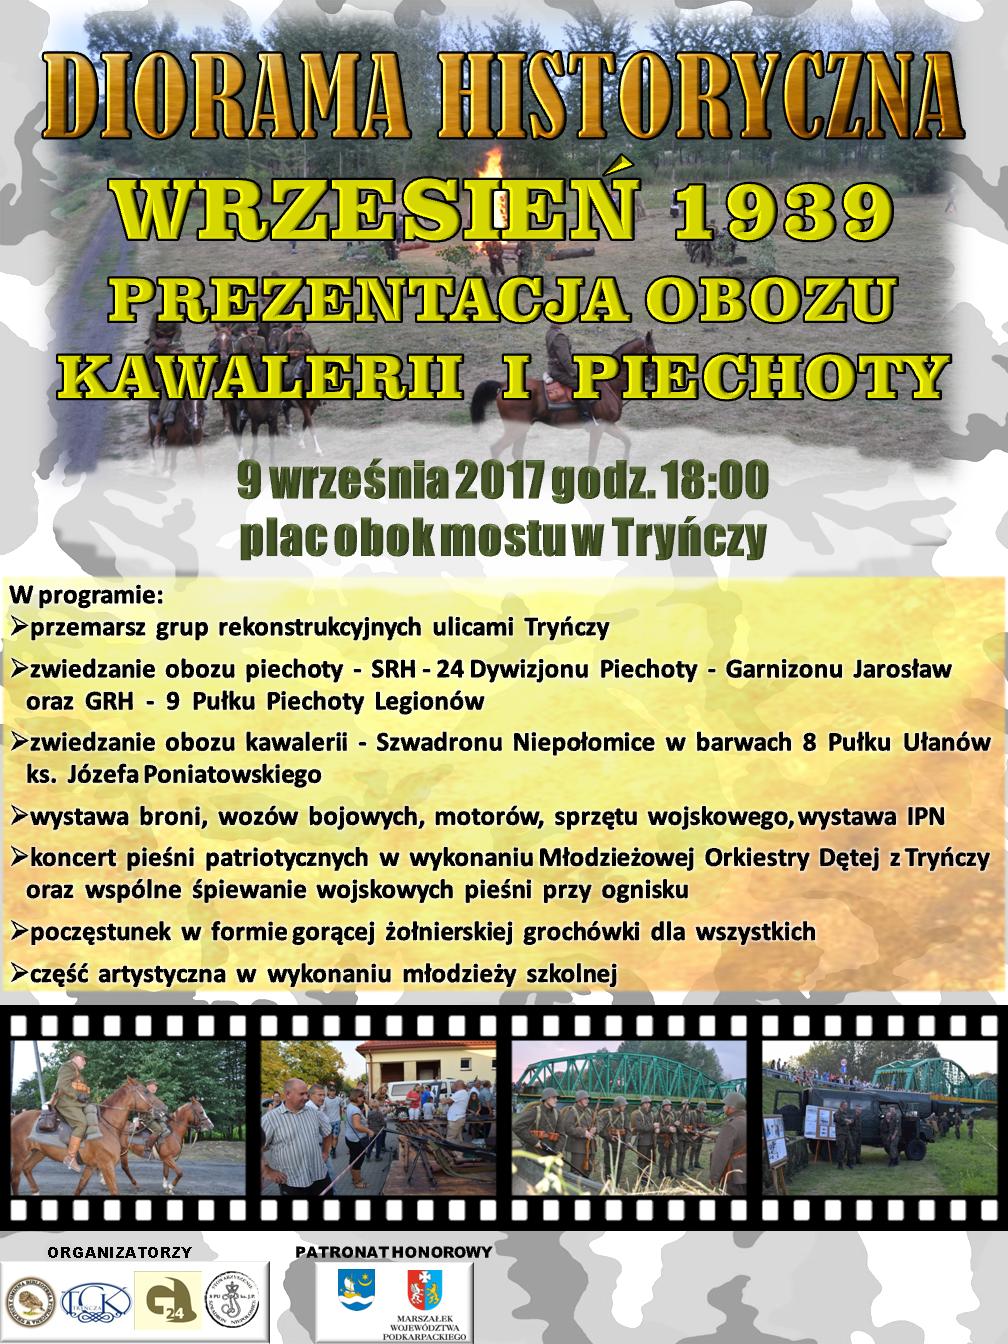 DIORAMA HISTORYCZNA W TRYŃCZY